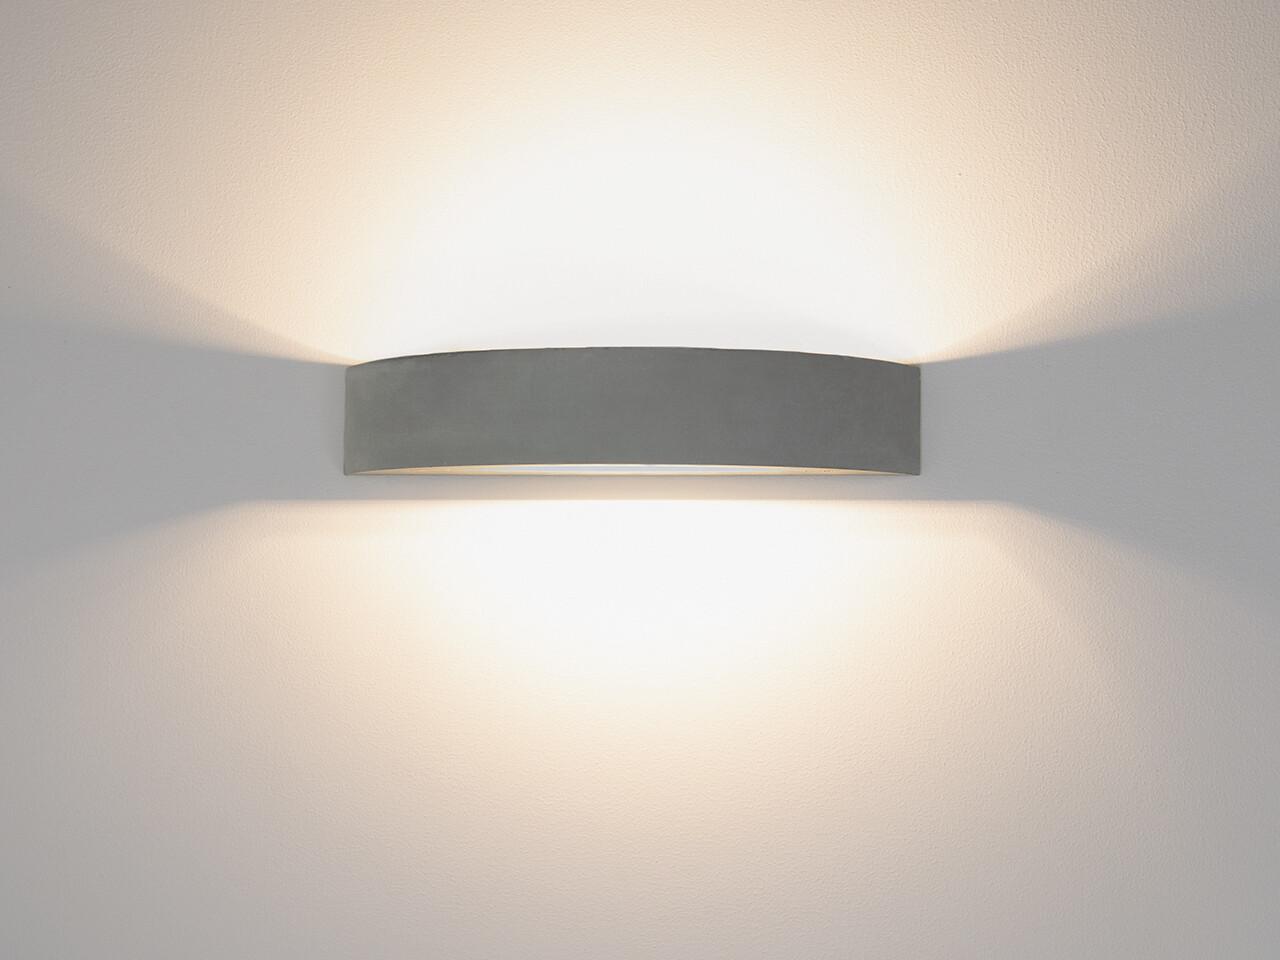 9010 Wandleuchte 1095B LED 10W, IP65, schwarz